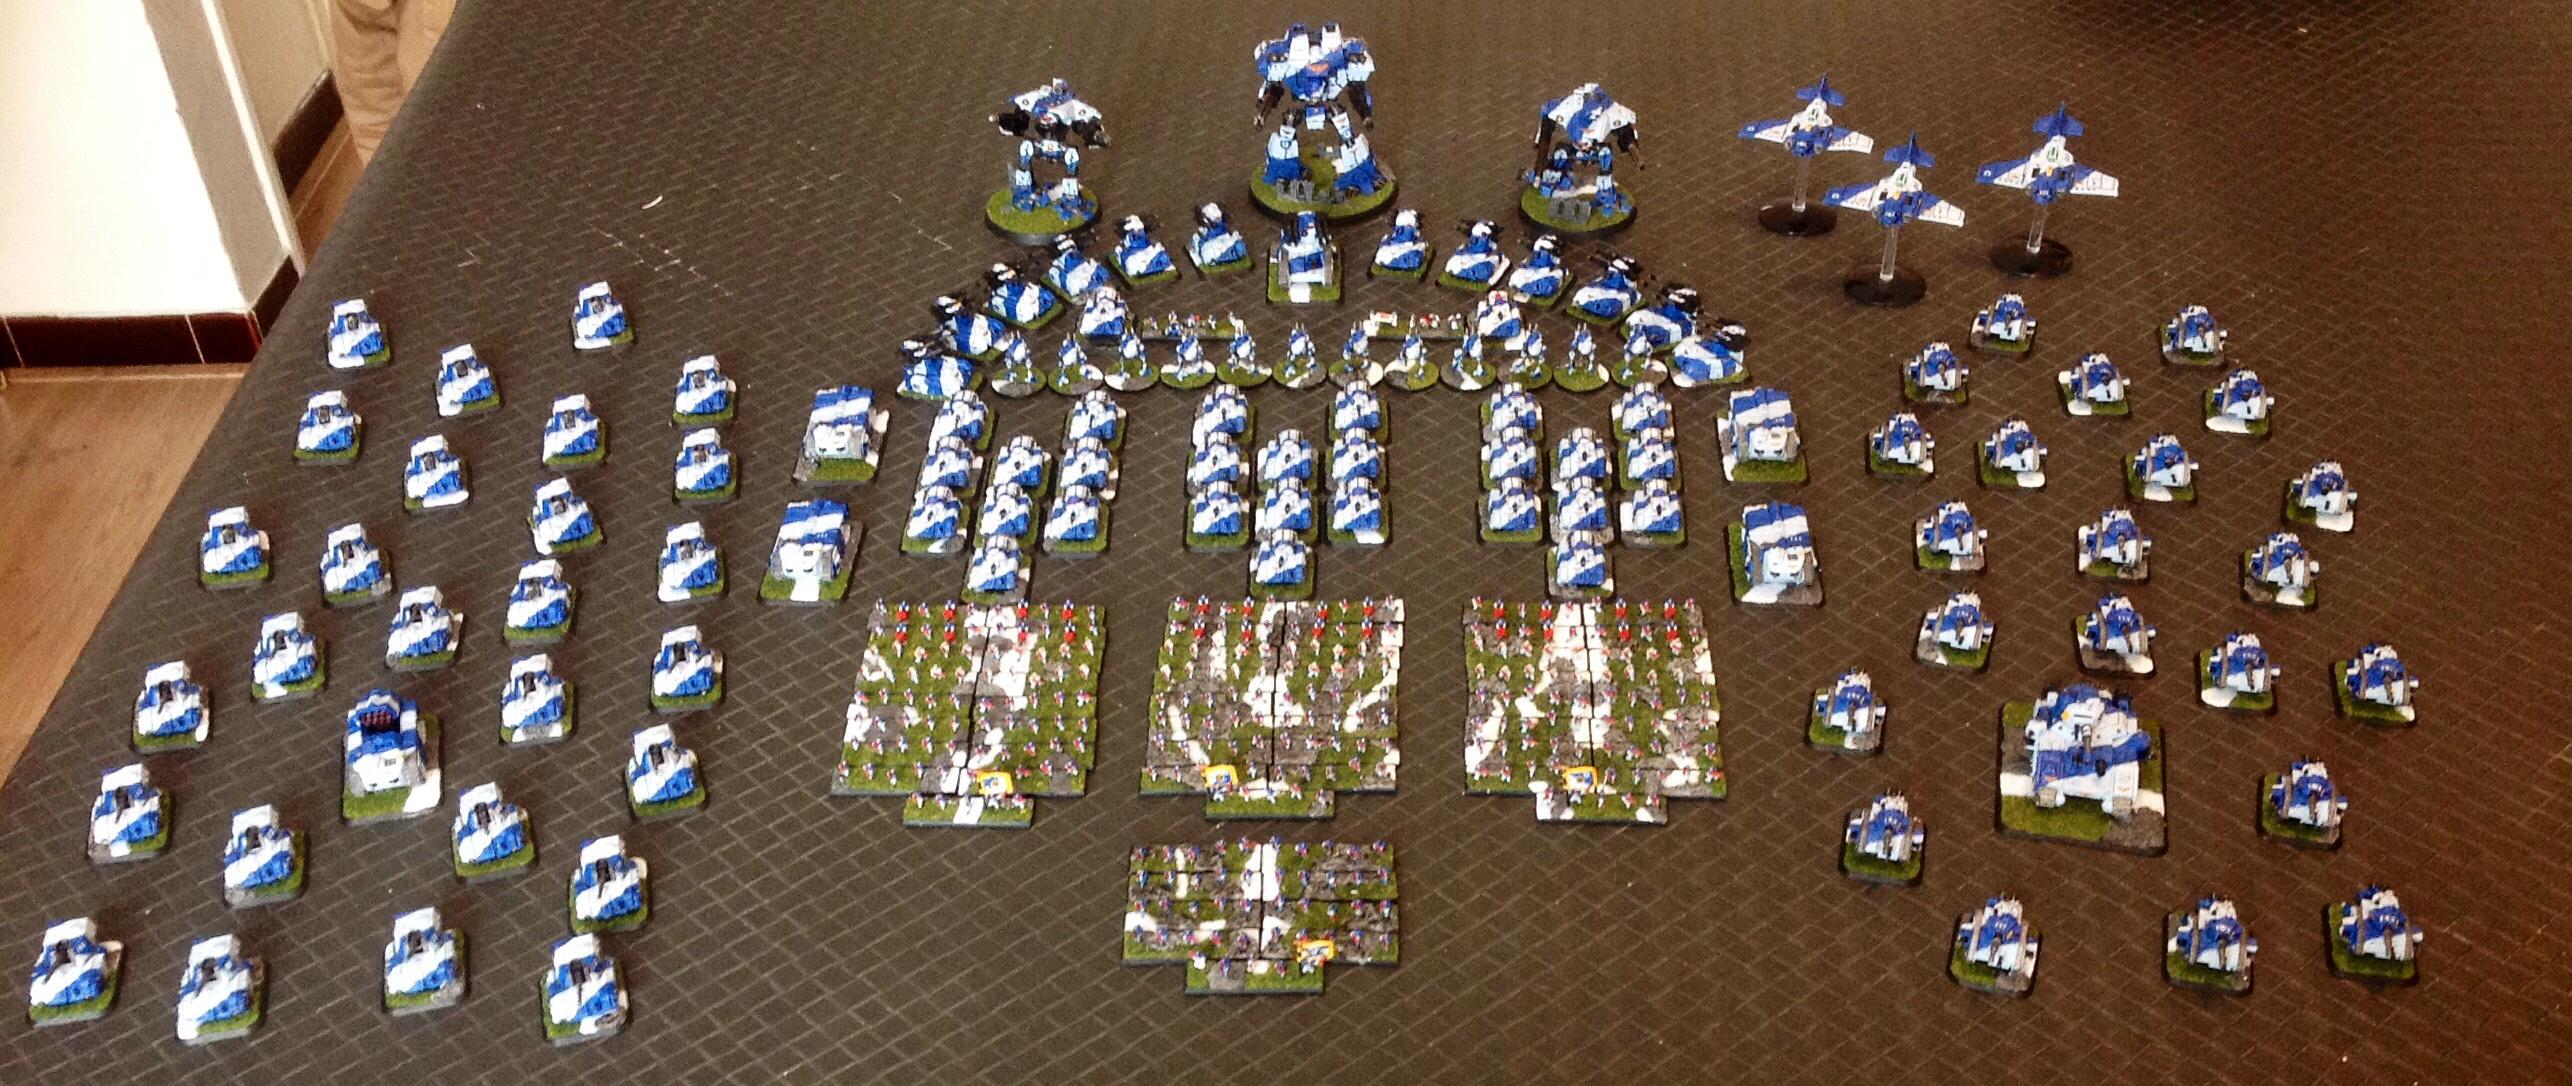 Orar - Garde Impériale - 6000pts. - Page 5 DkB3X6